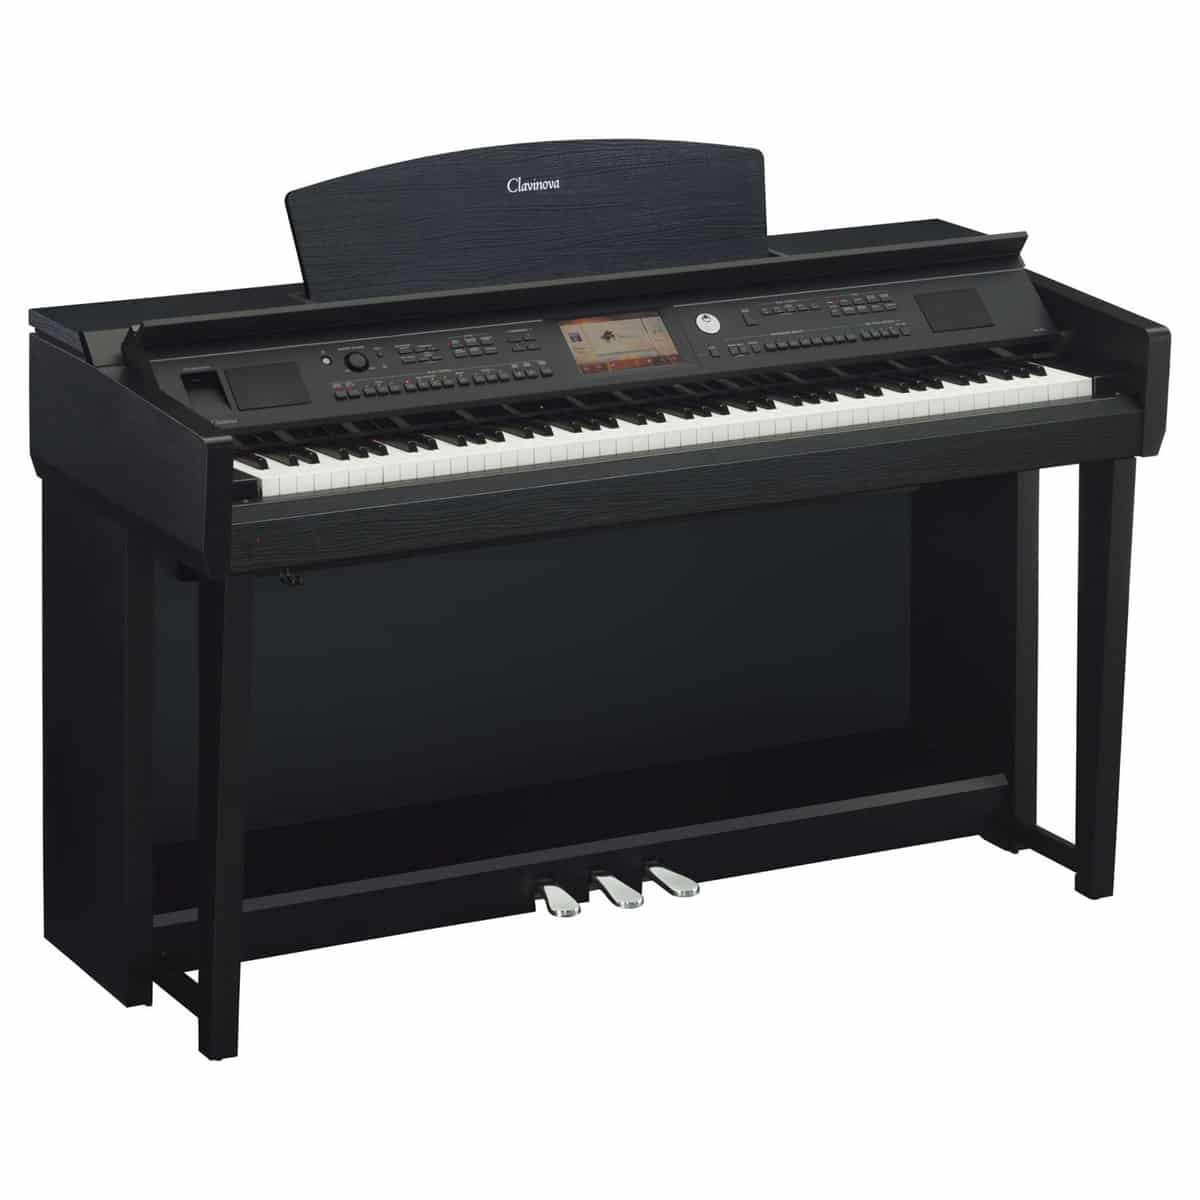 Yamaha CVP 705 Clavinova Digital Piano